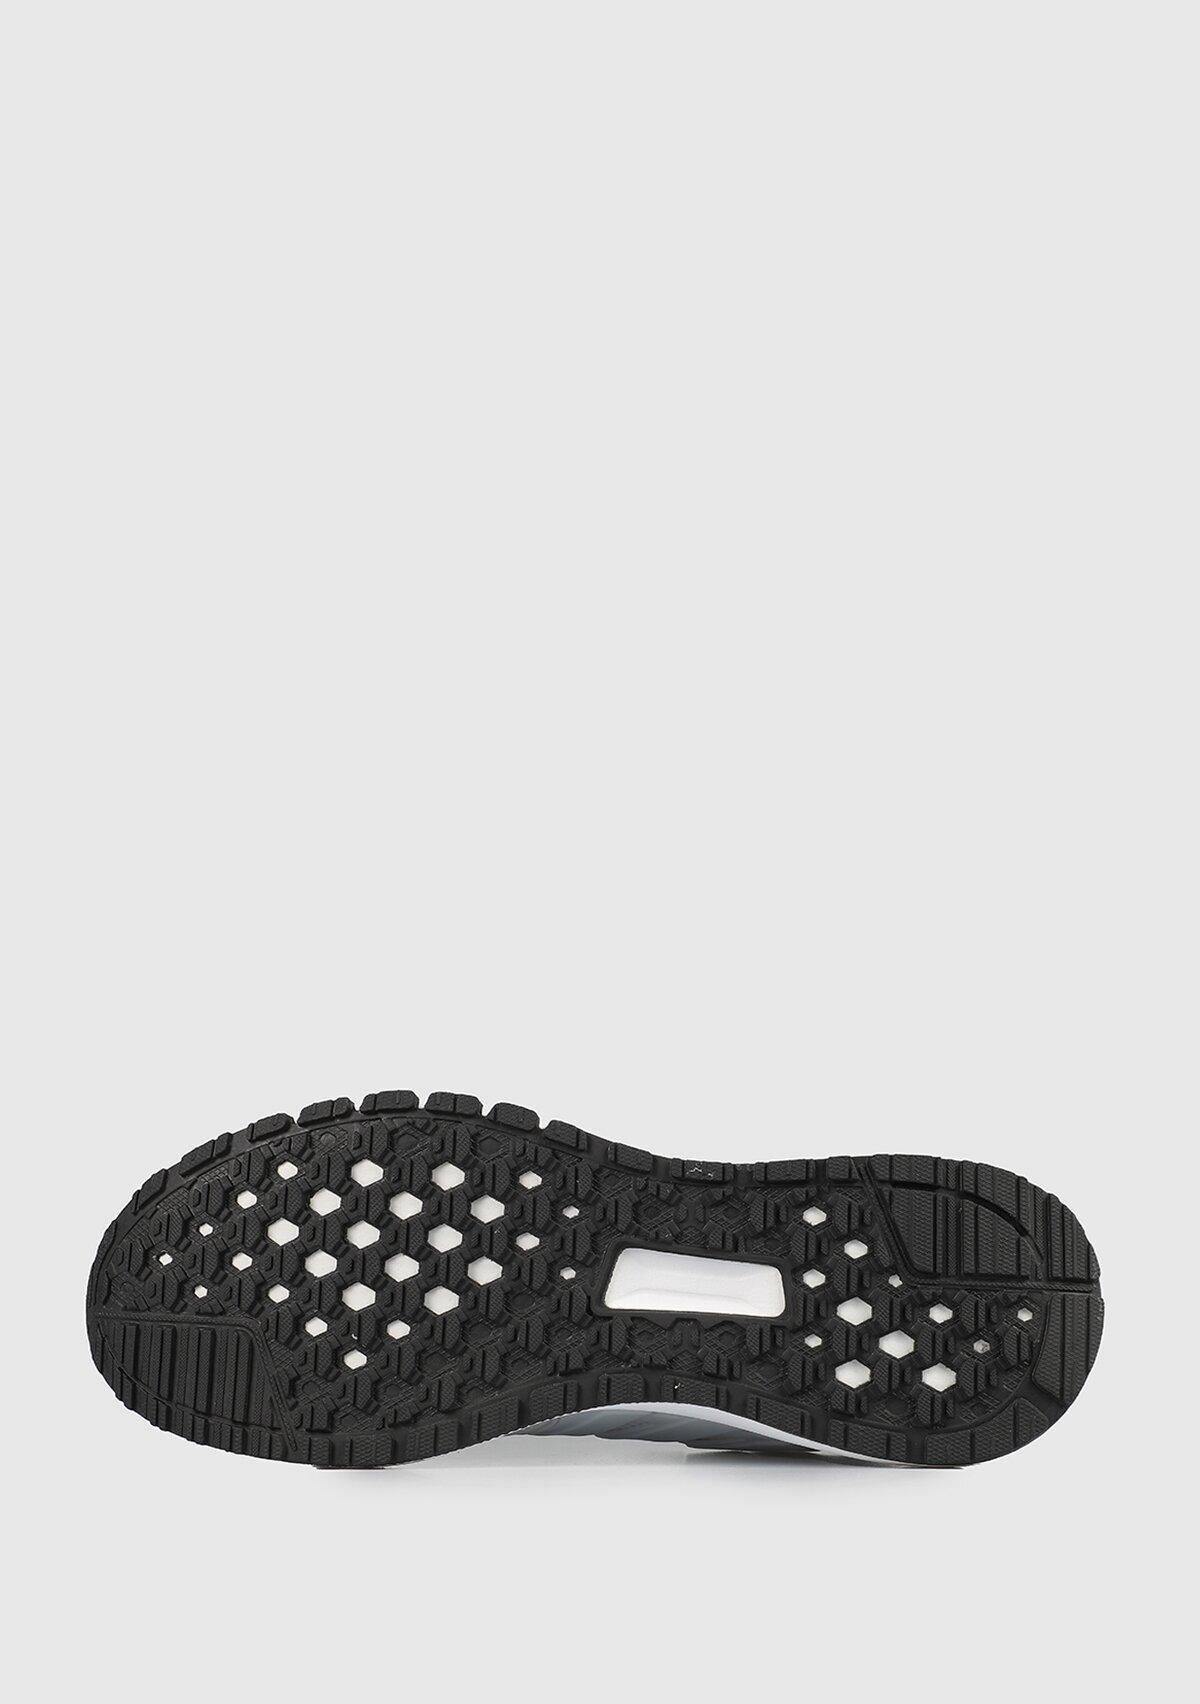 resm Ultimashow Beyaz Erkek Spor Ayakkabısı Fx3631